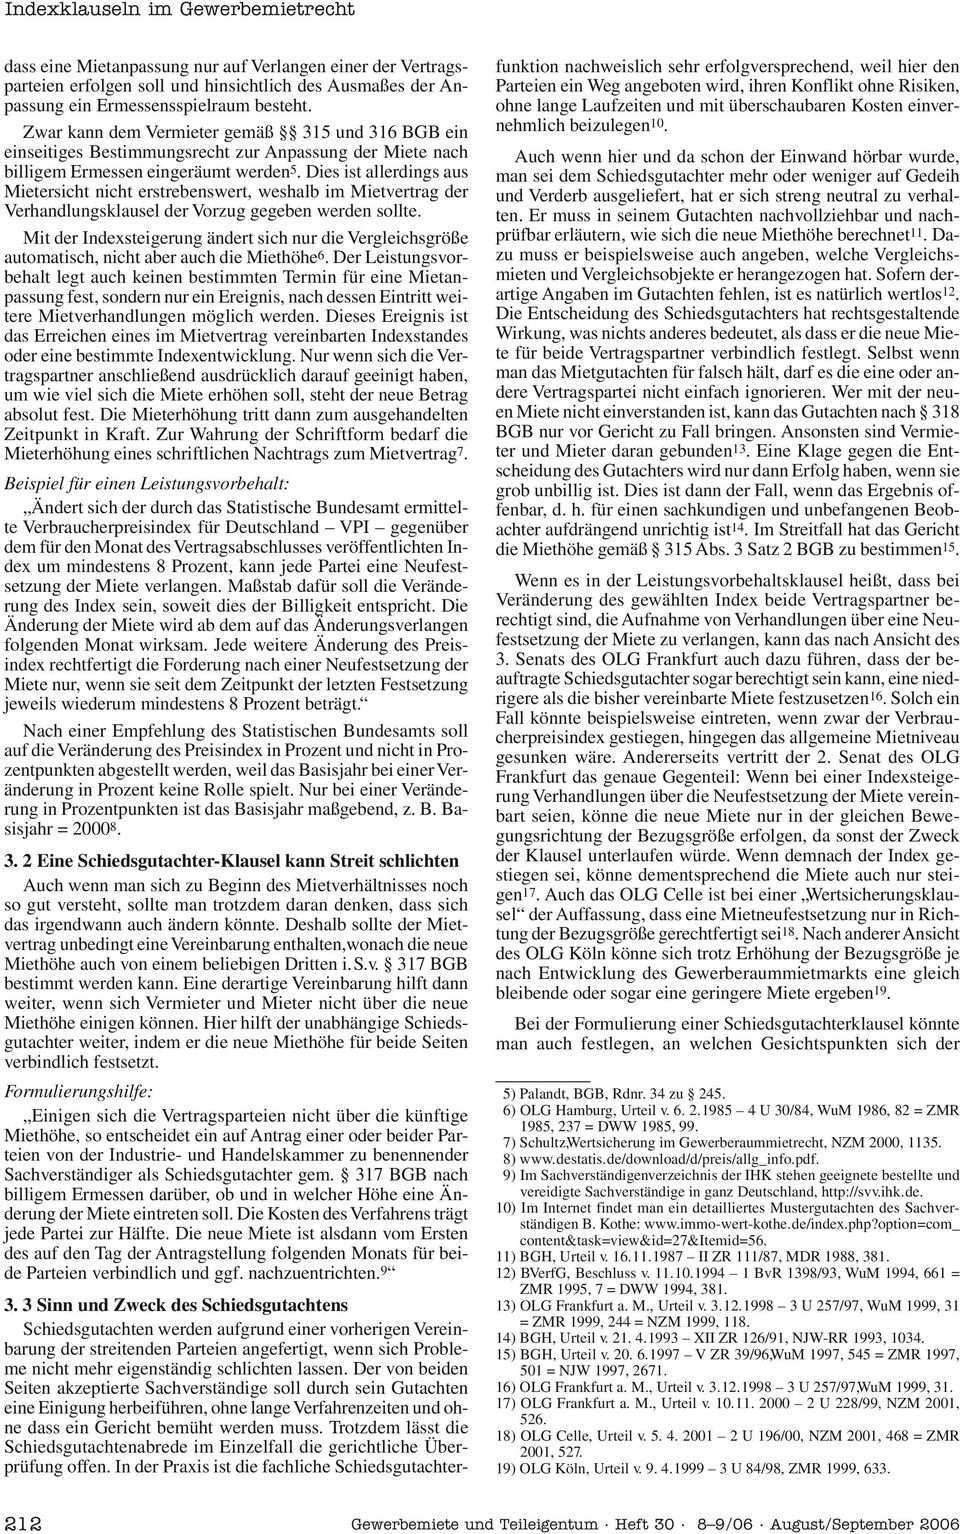 U Nd 8 9 06 Beitrage E Ruff Indexklauseln Im Gewerbemietrecht Wirtschaft Und Verbande Kfw Unternehmensfinanzierung Gewerbemiete Teileigentum Pdf Free Download